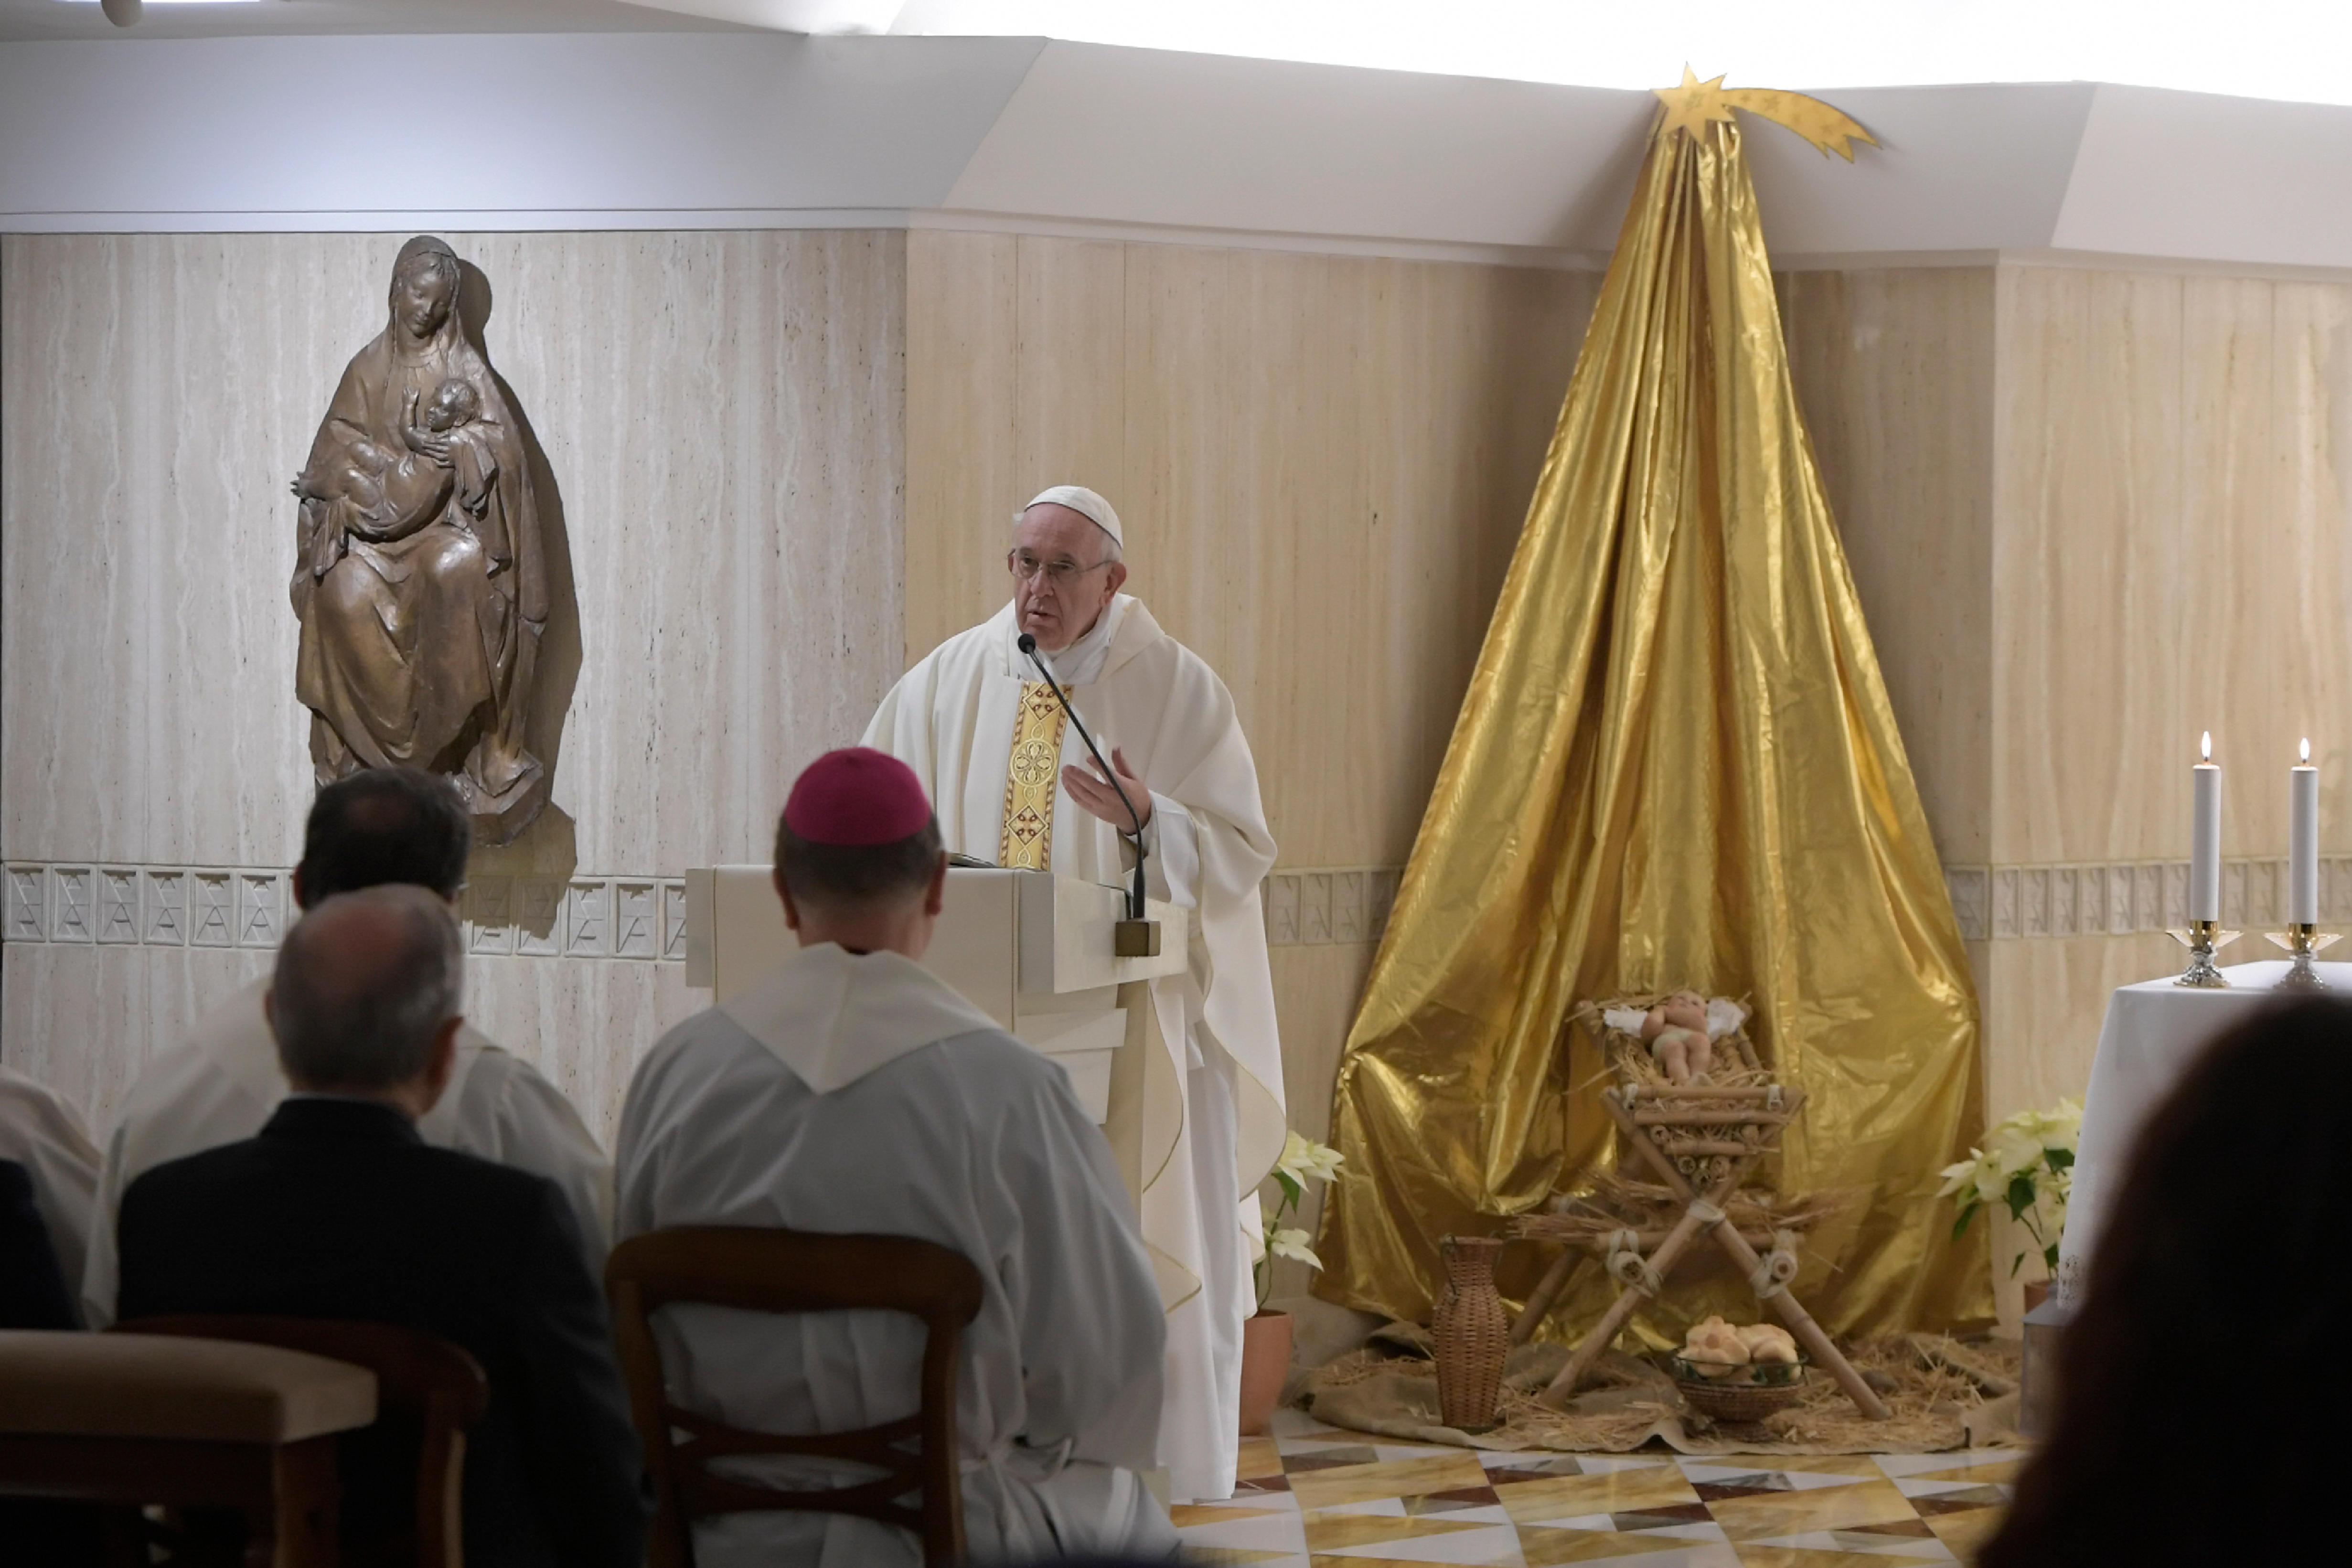 Misa en Santa Marta, 8 enero 2019 © Vatican Media